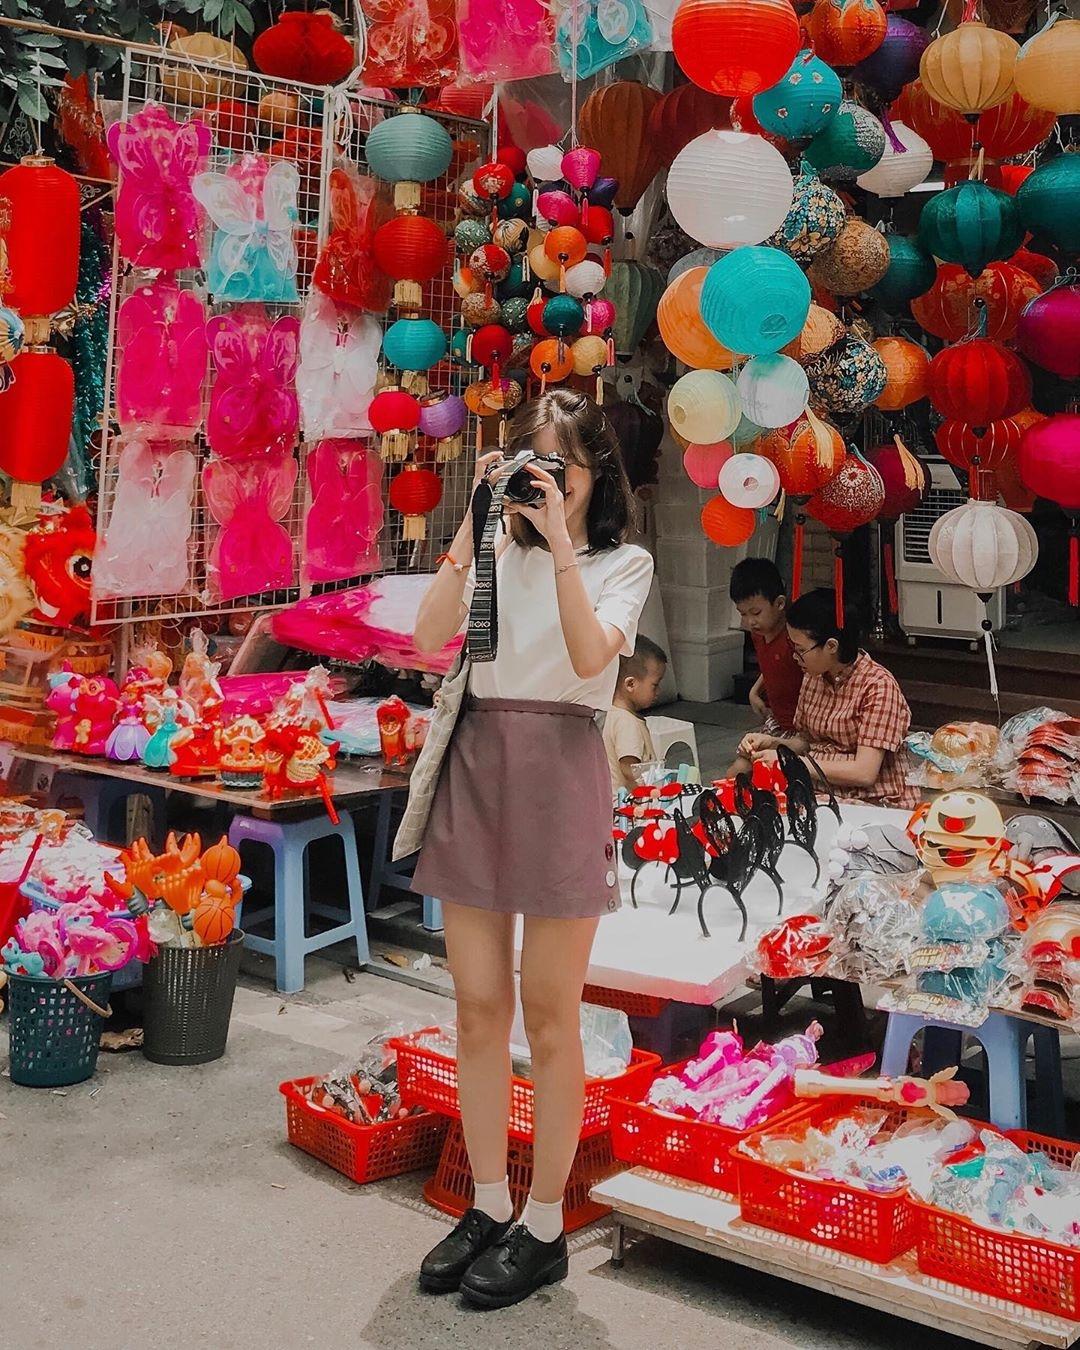 Bật mí loạt địa điểm hẹn hò lãng mạn cho các cặp đôi trong ngày Trung Thu tại Hà Nội  - Ảnh 6.